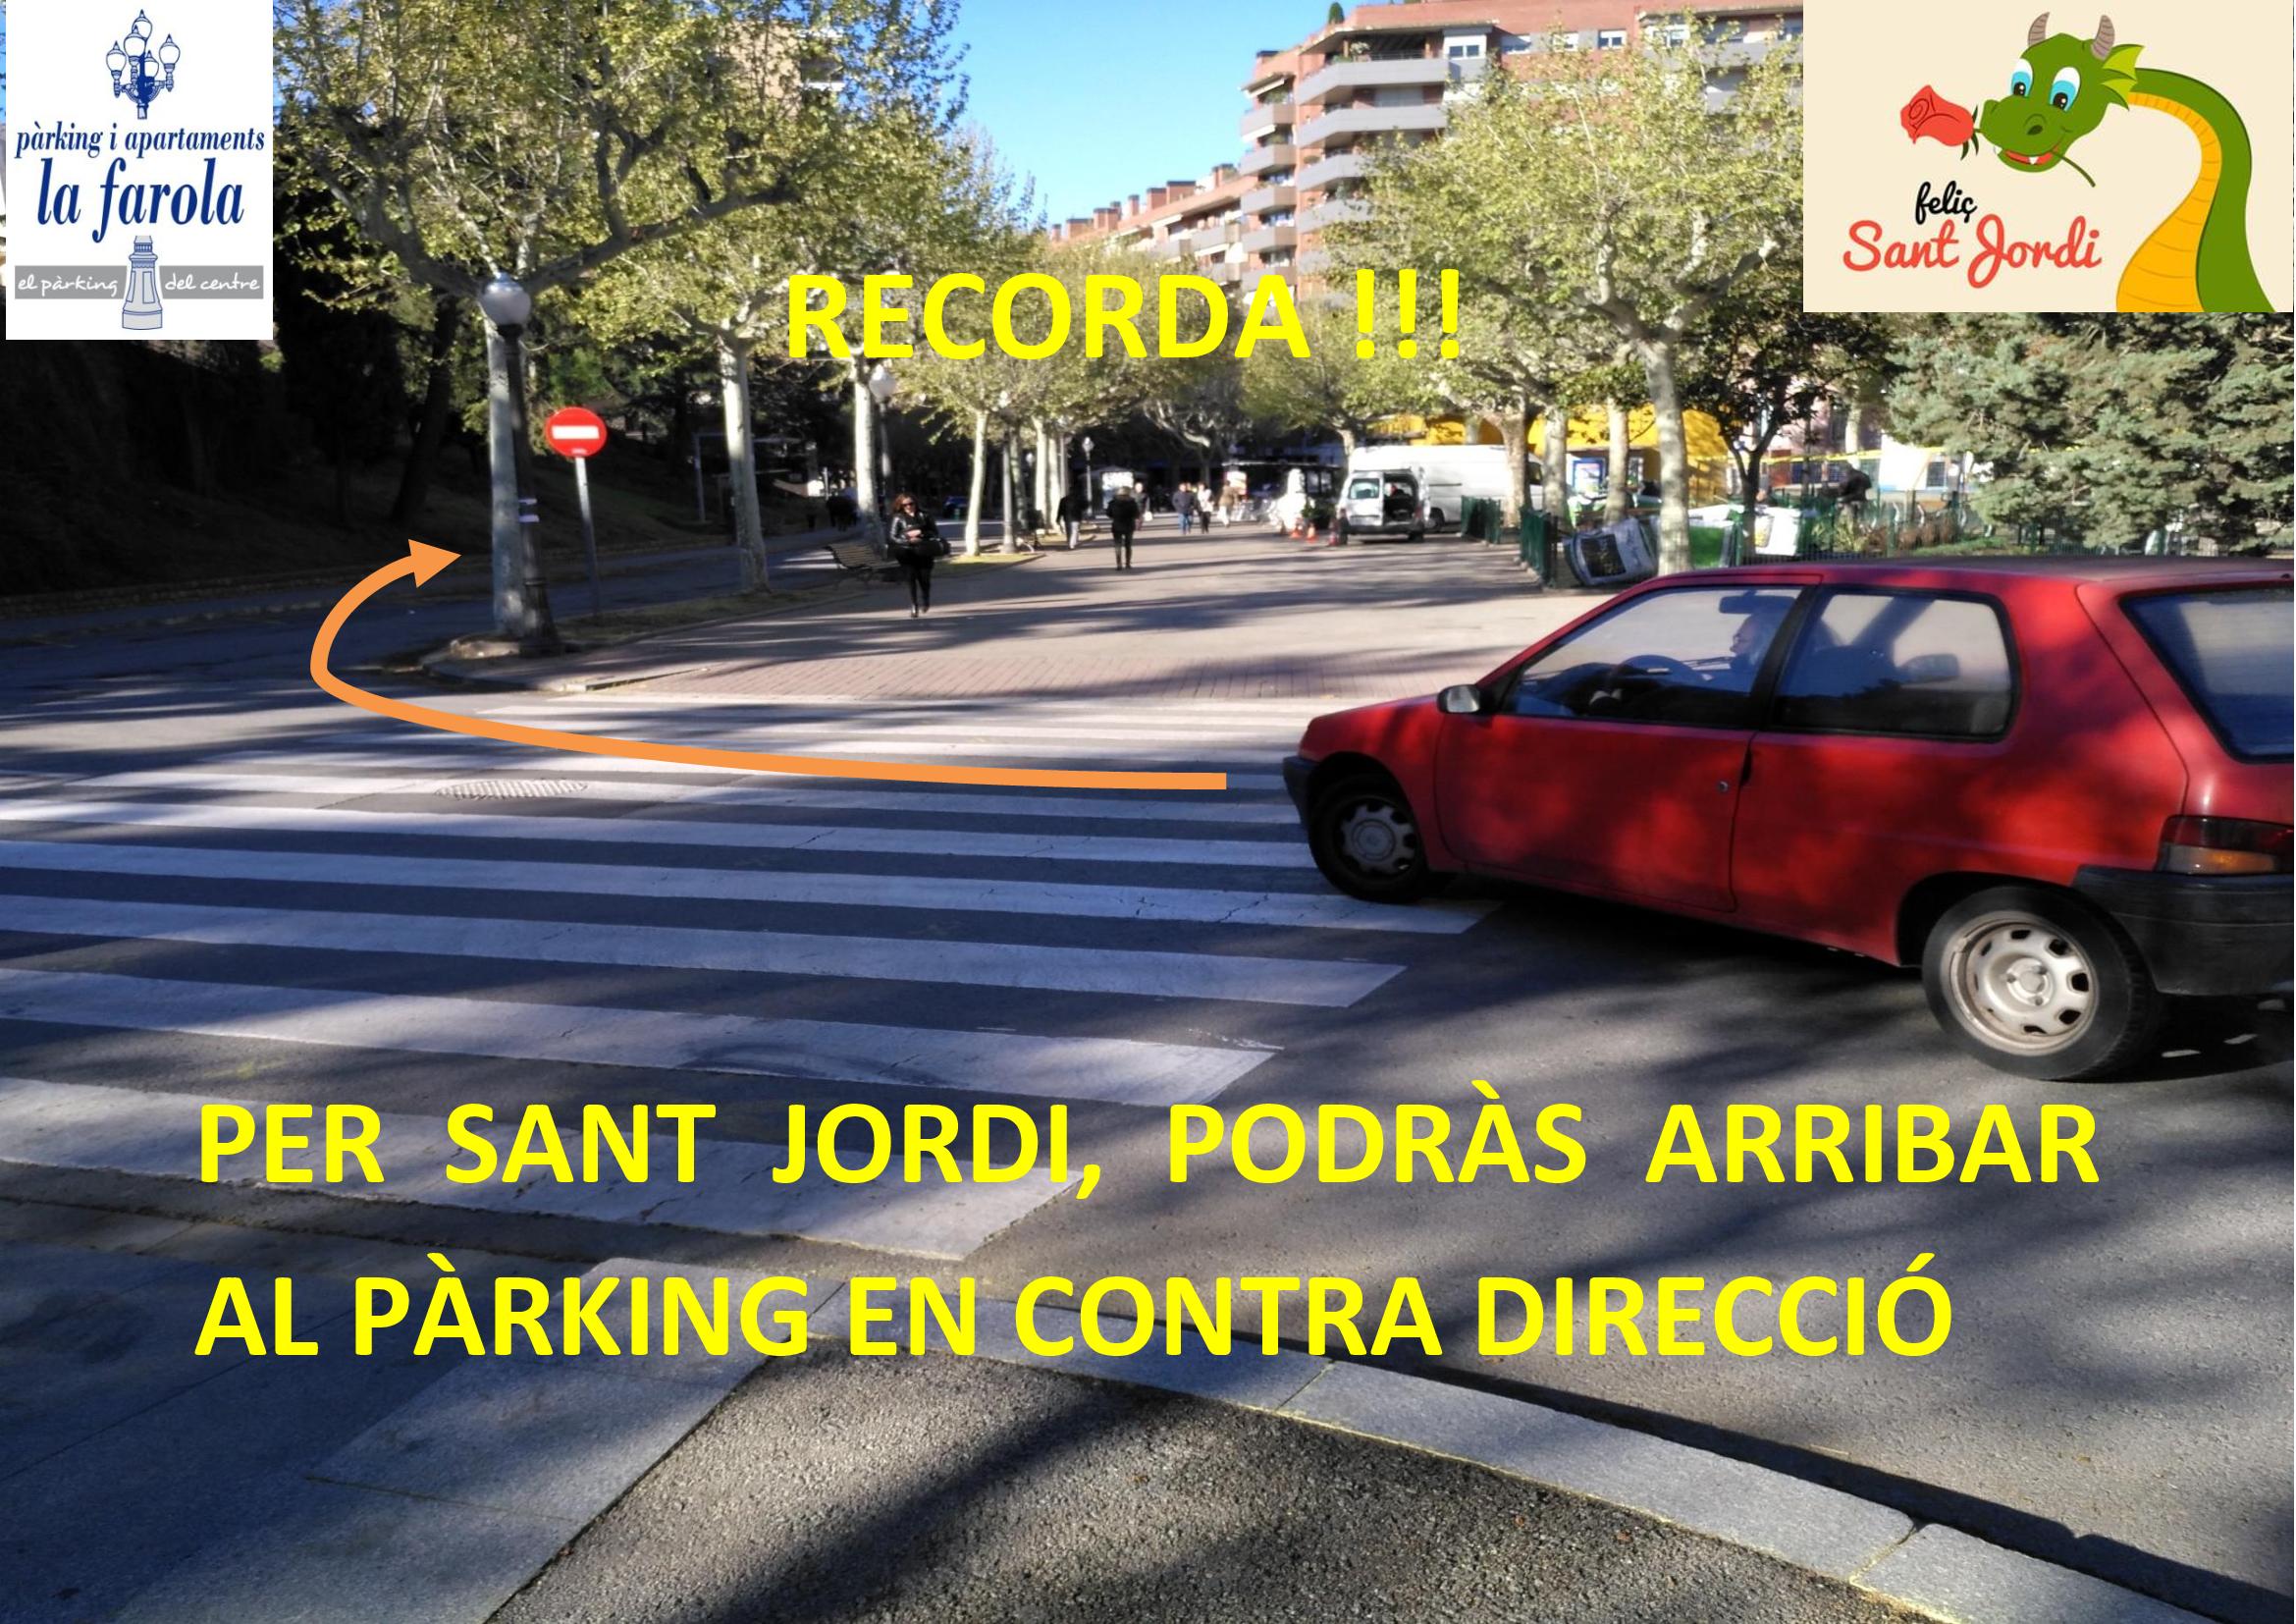 PER SANT JORDI, CANVI DE SENTIT PER ARRIBAR AL PÀRKING